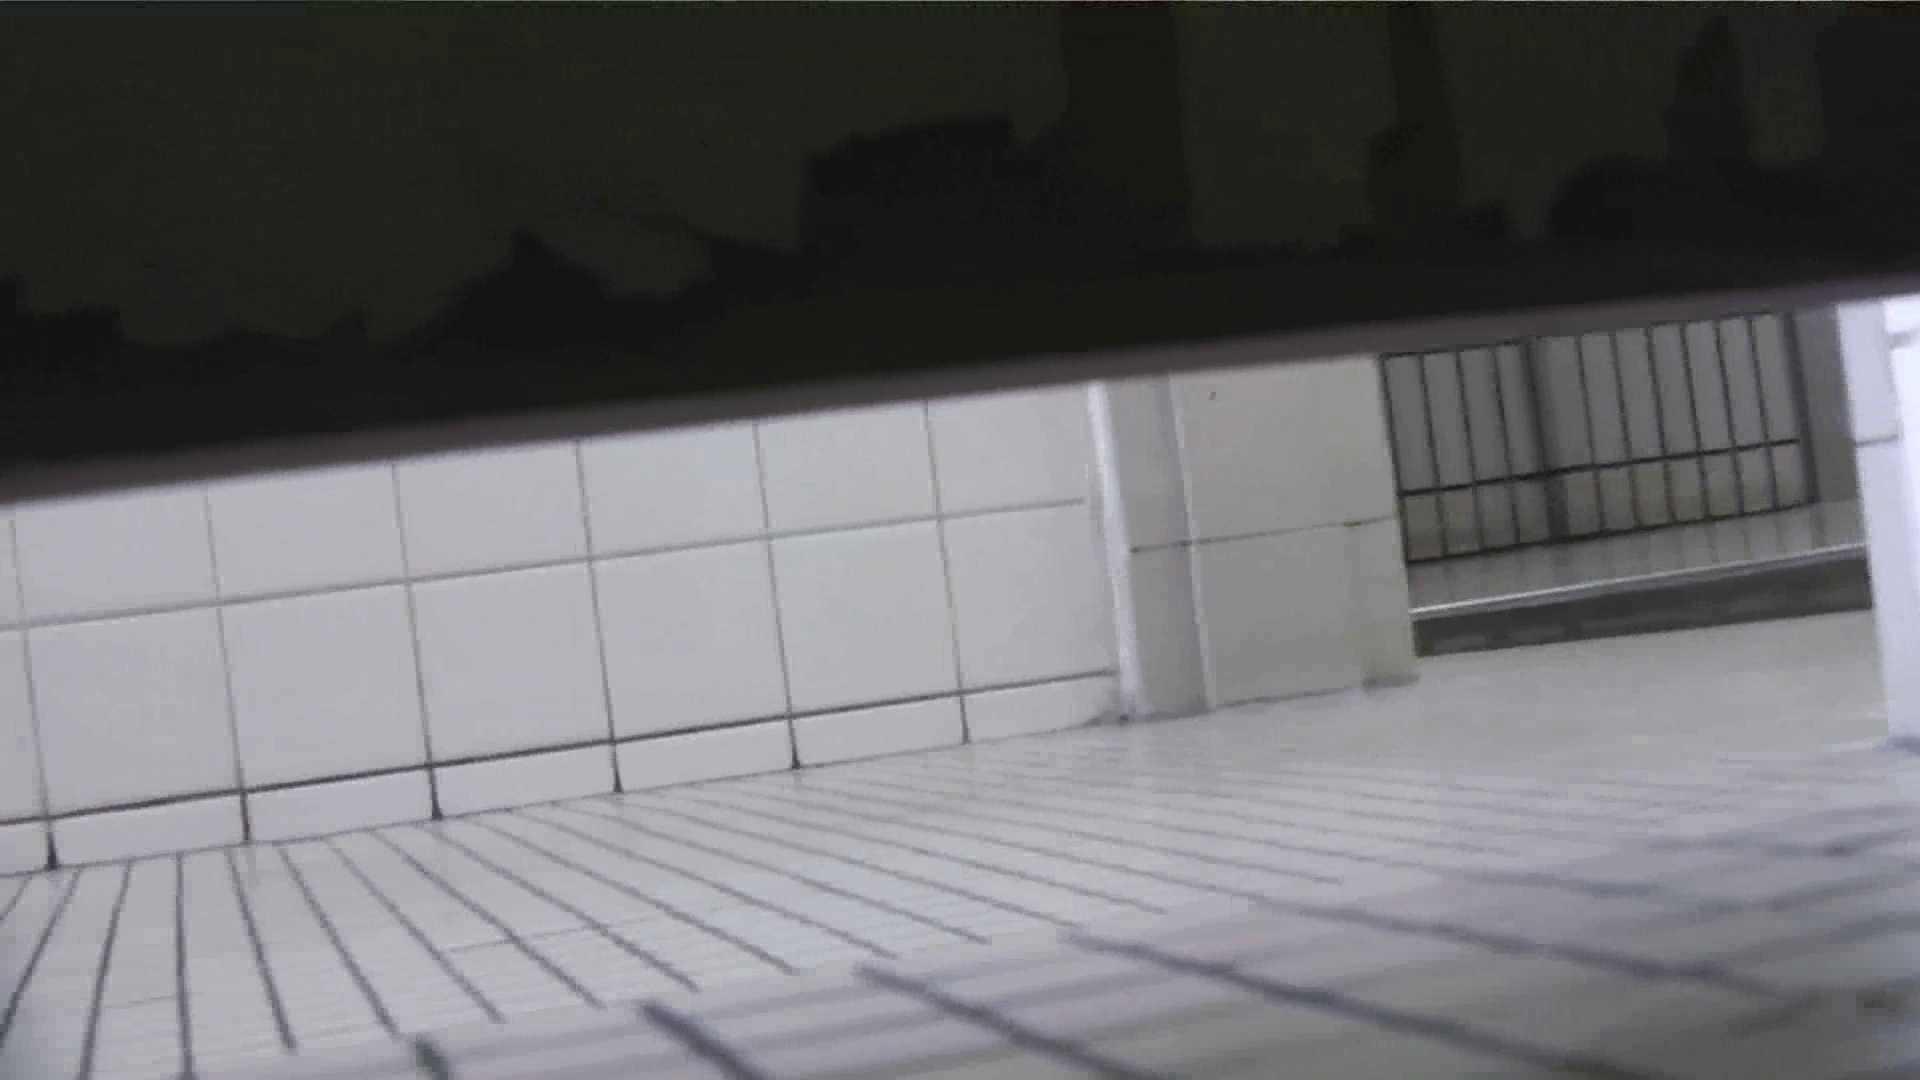 【美しき個室な世界】 vol.023 めんこい人たち 洗面所  100pic 8